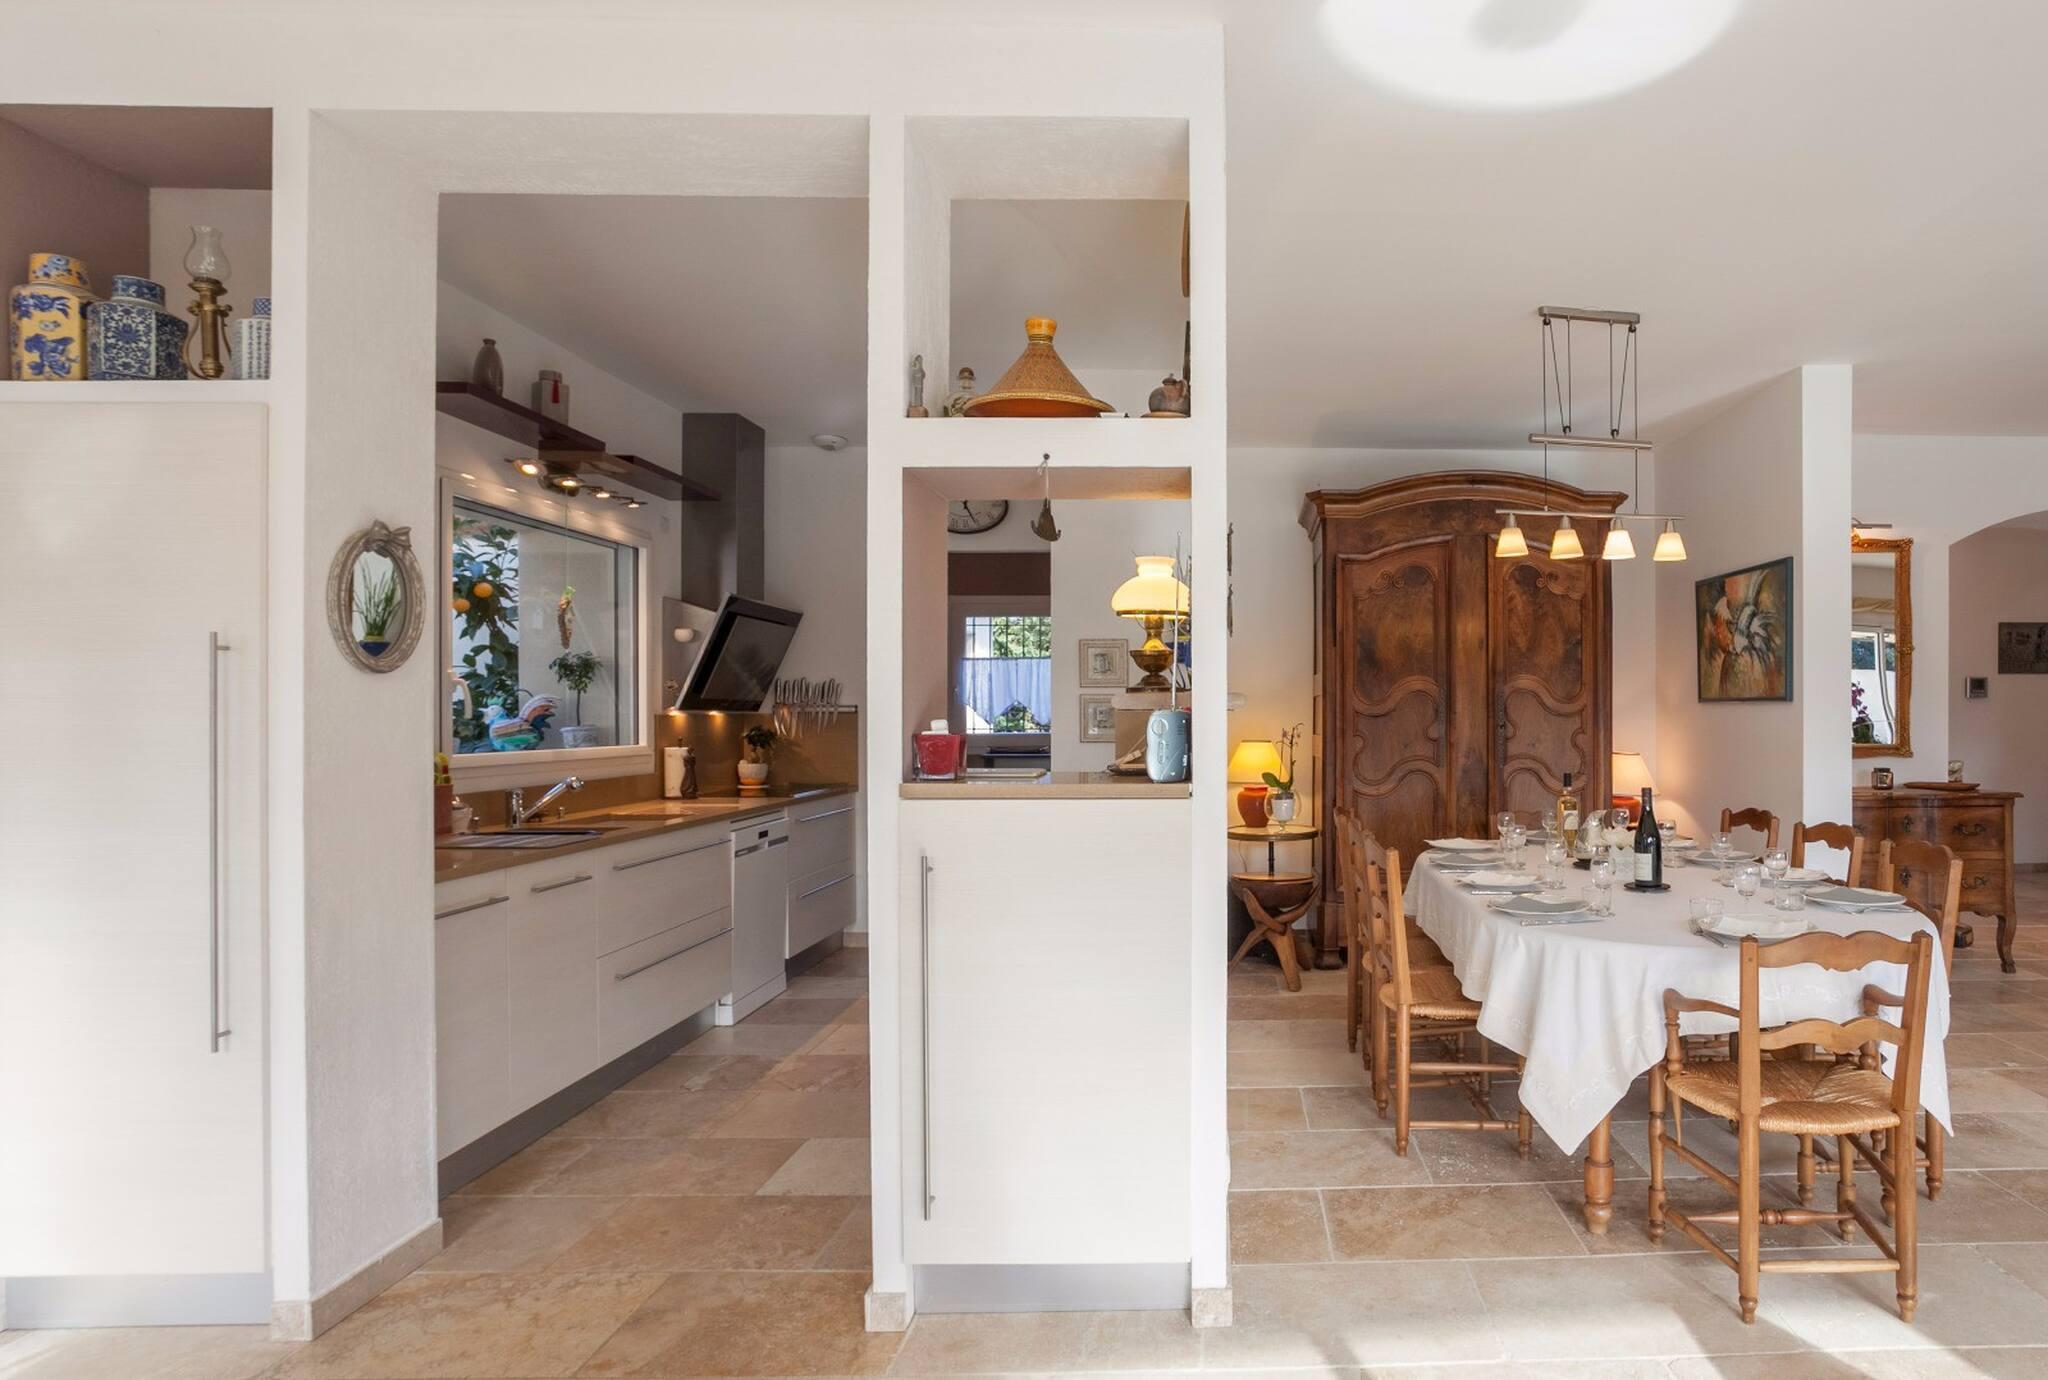 Maison de vacances La Bien Méritée - Für einen unvergesslichen Urlaub (2647544), L'Isle sur la Sorgue, Vaucluse, Provence - Alpes - Côte d'Azur, France, image 10